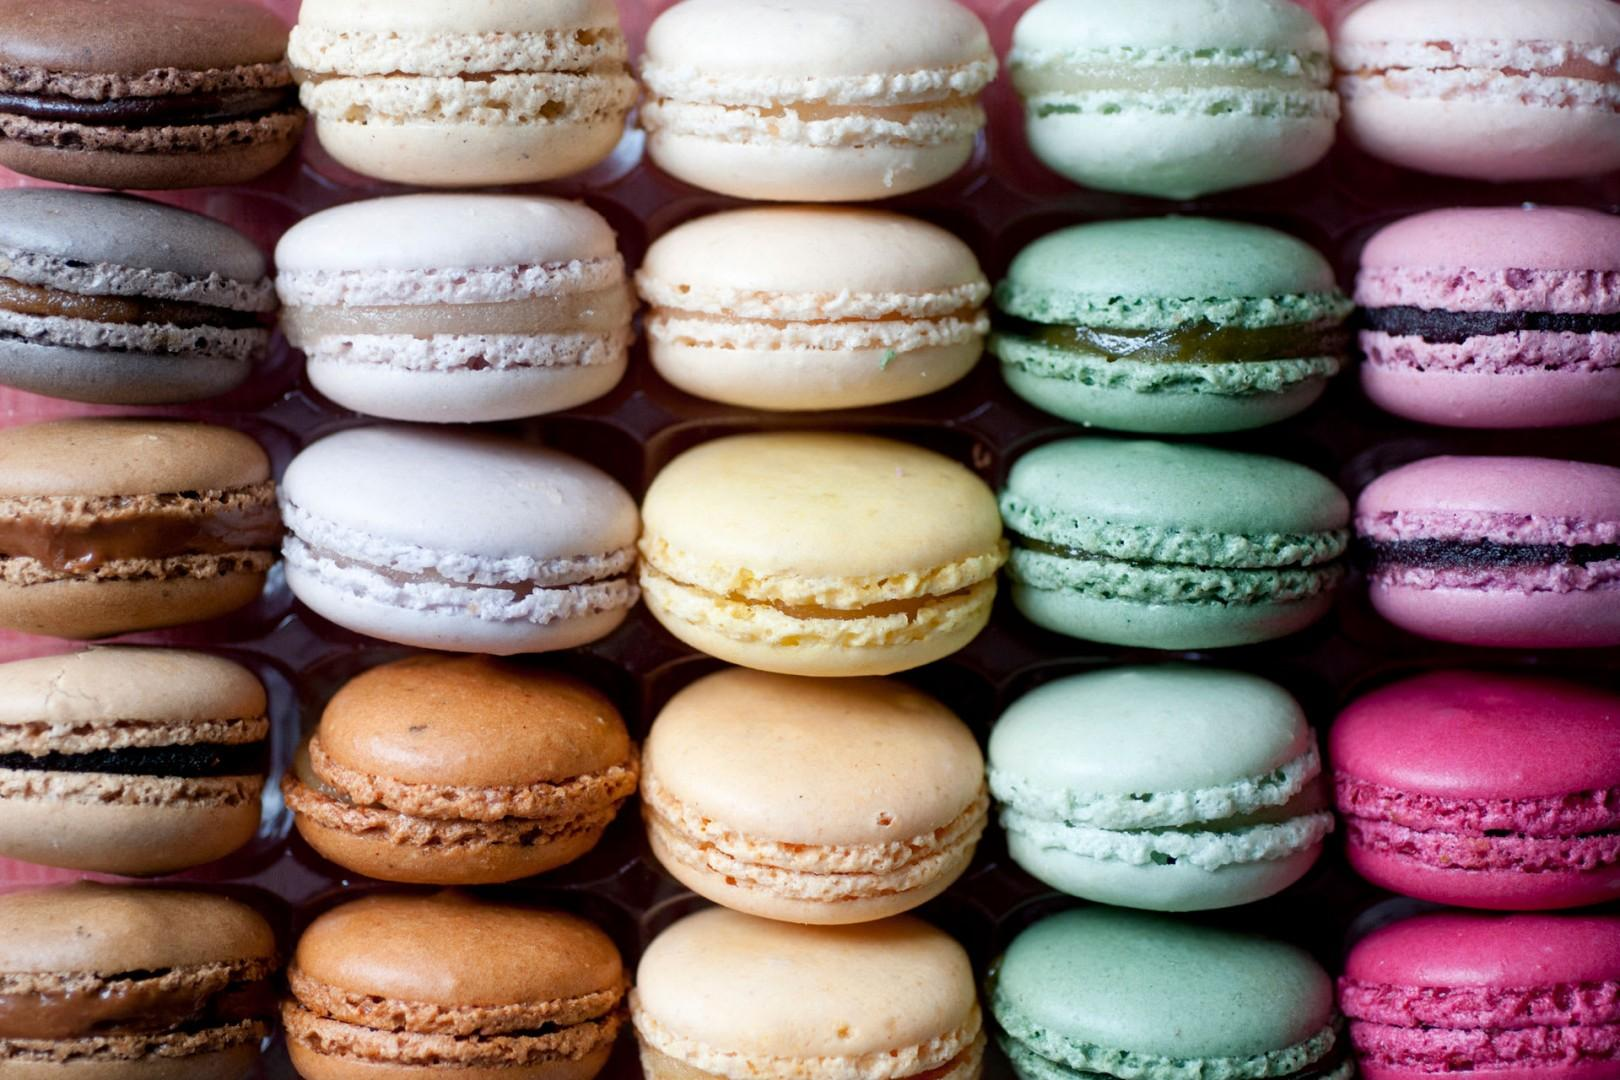 18-macarons-colorful